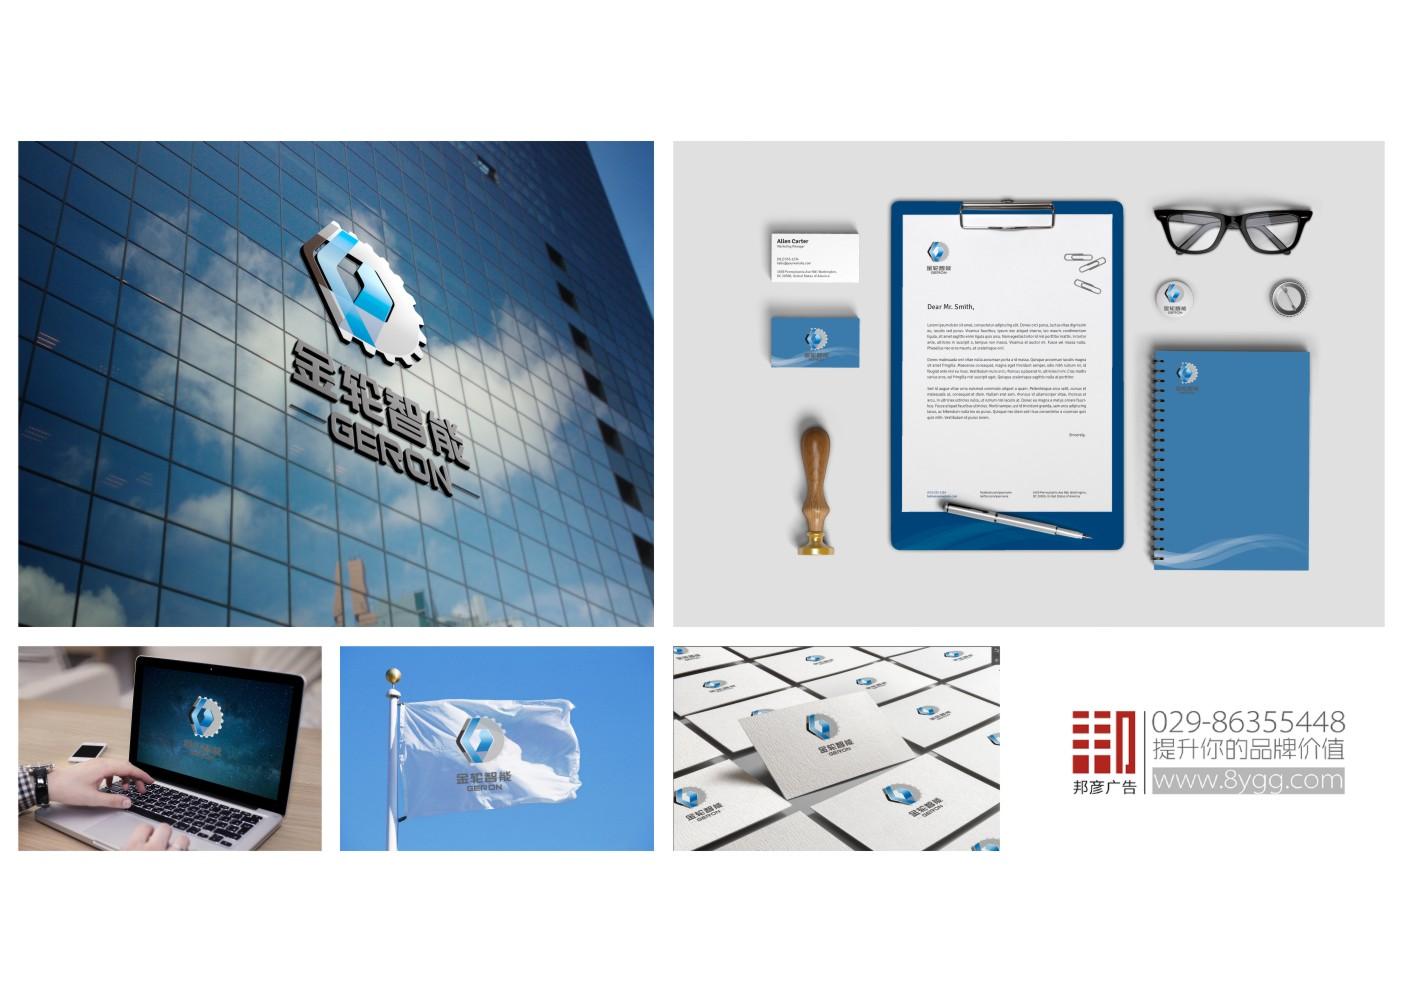 logo設計 高端原創滿意為止 注冊商標設計卡通品牌標志企業字體V